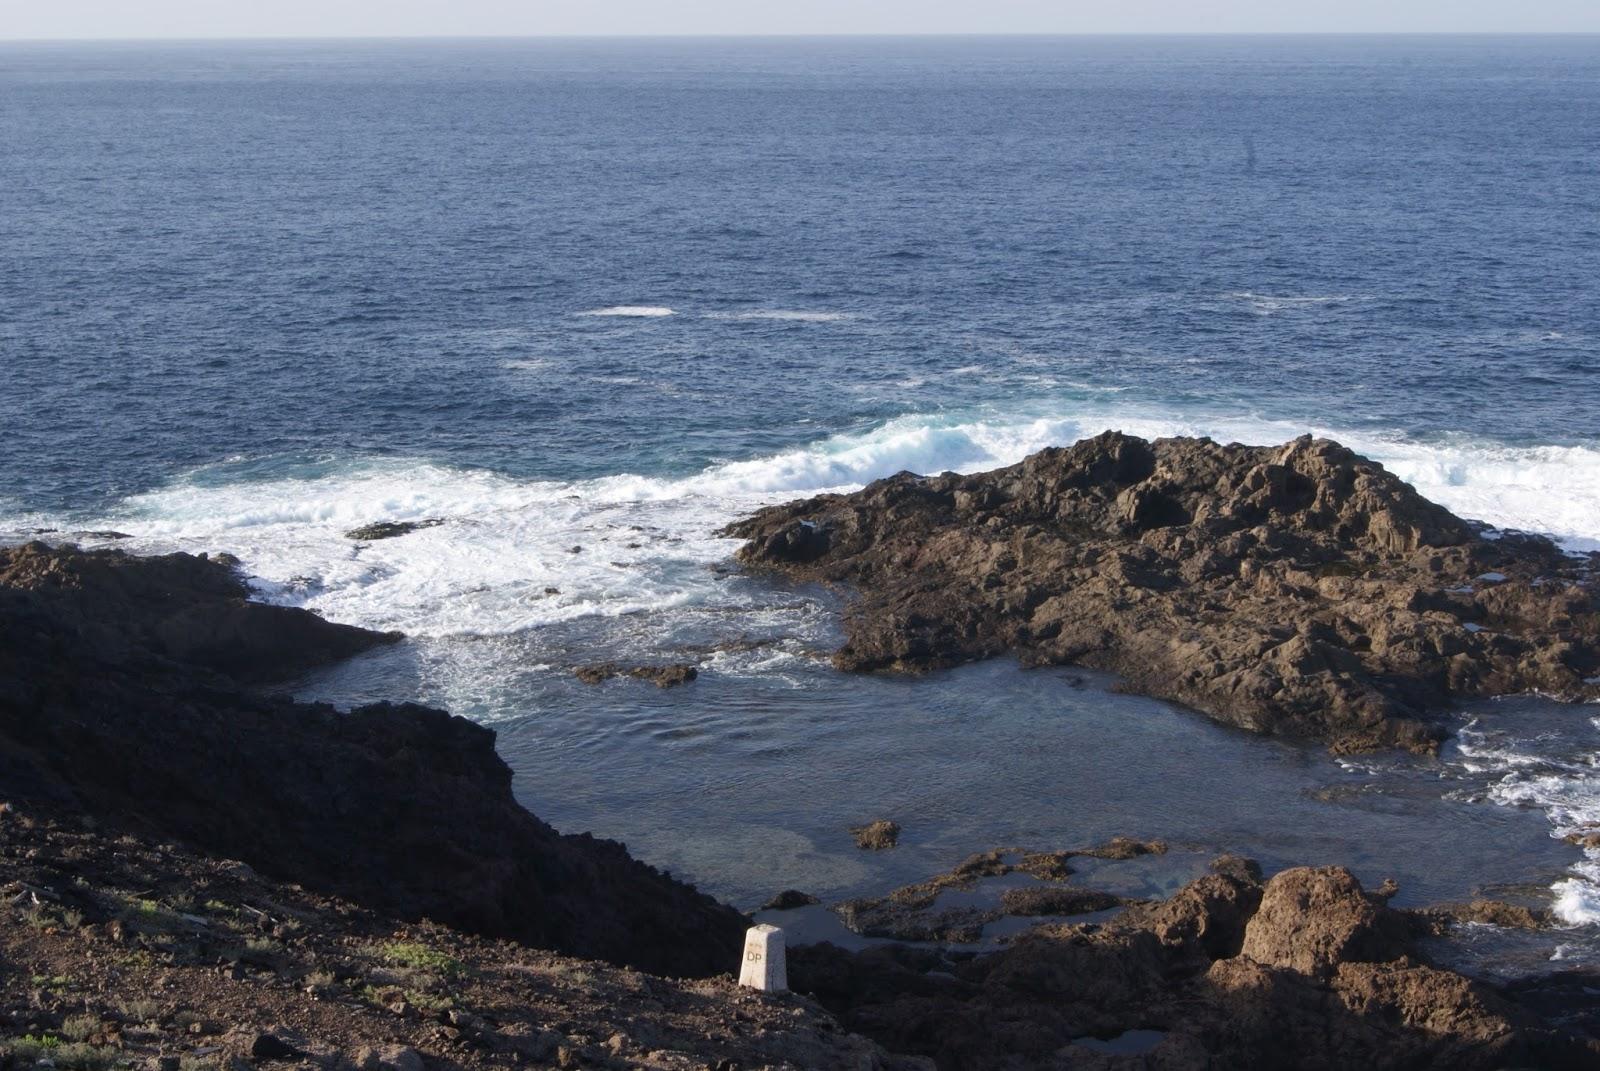 El mundo de magec 7 piscinas naturales del norte de gran for Gran canaria piscinas naturales